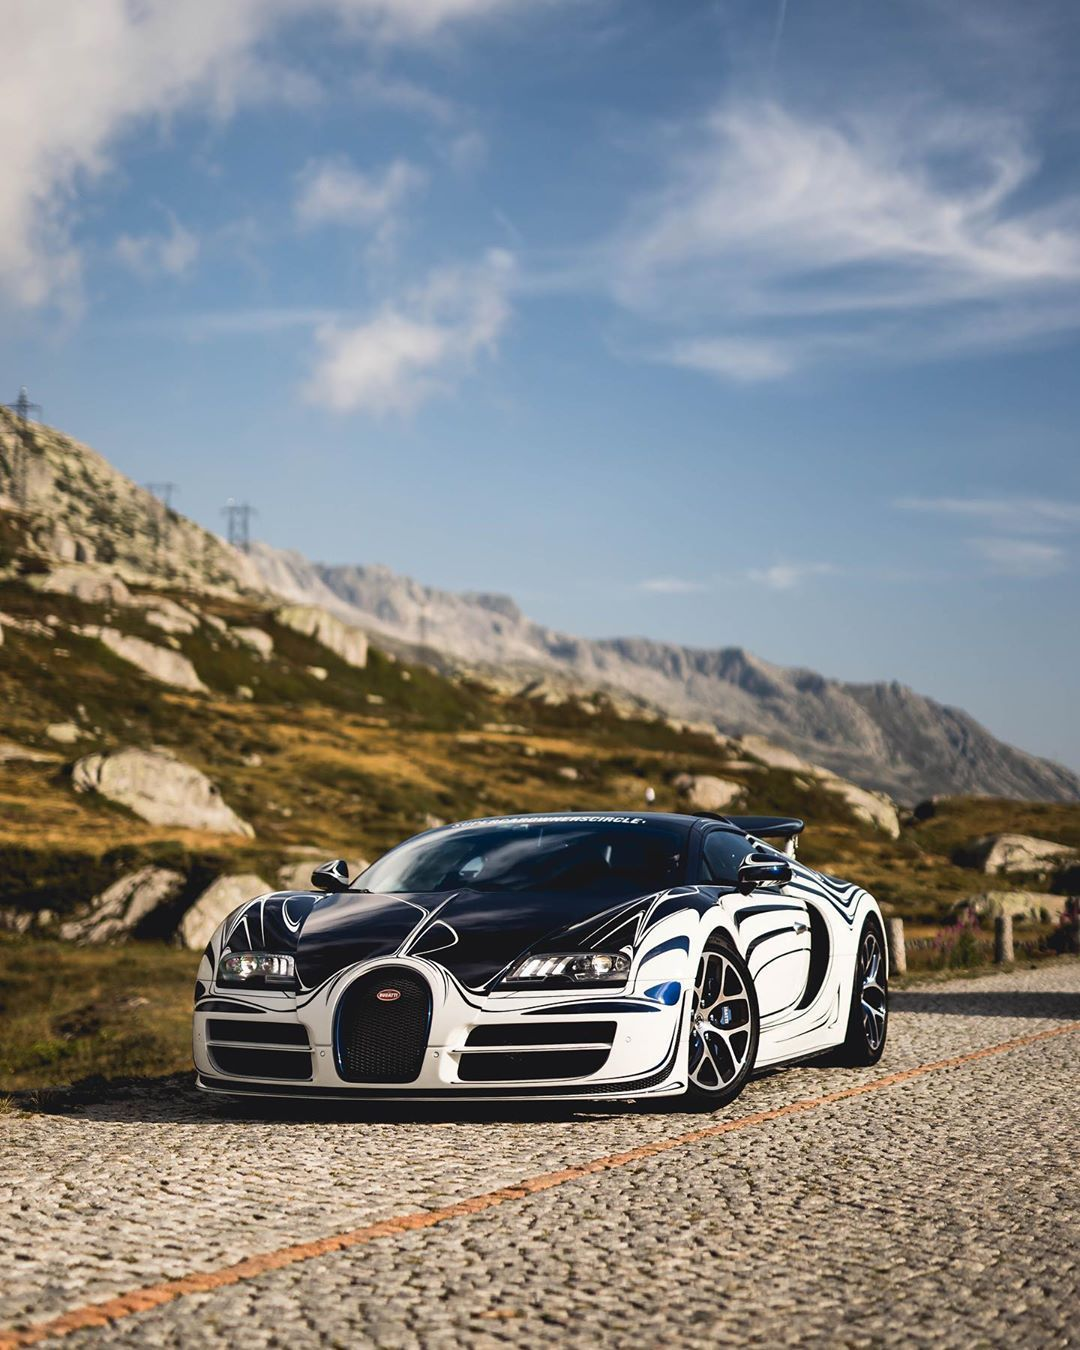 Bugatti Veyron 16.4 Grand Sport Vitesse... #bugattiveyron Bugatti Veyron 16.4 Grand Sport Vitesse... #bugattiveyron